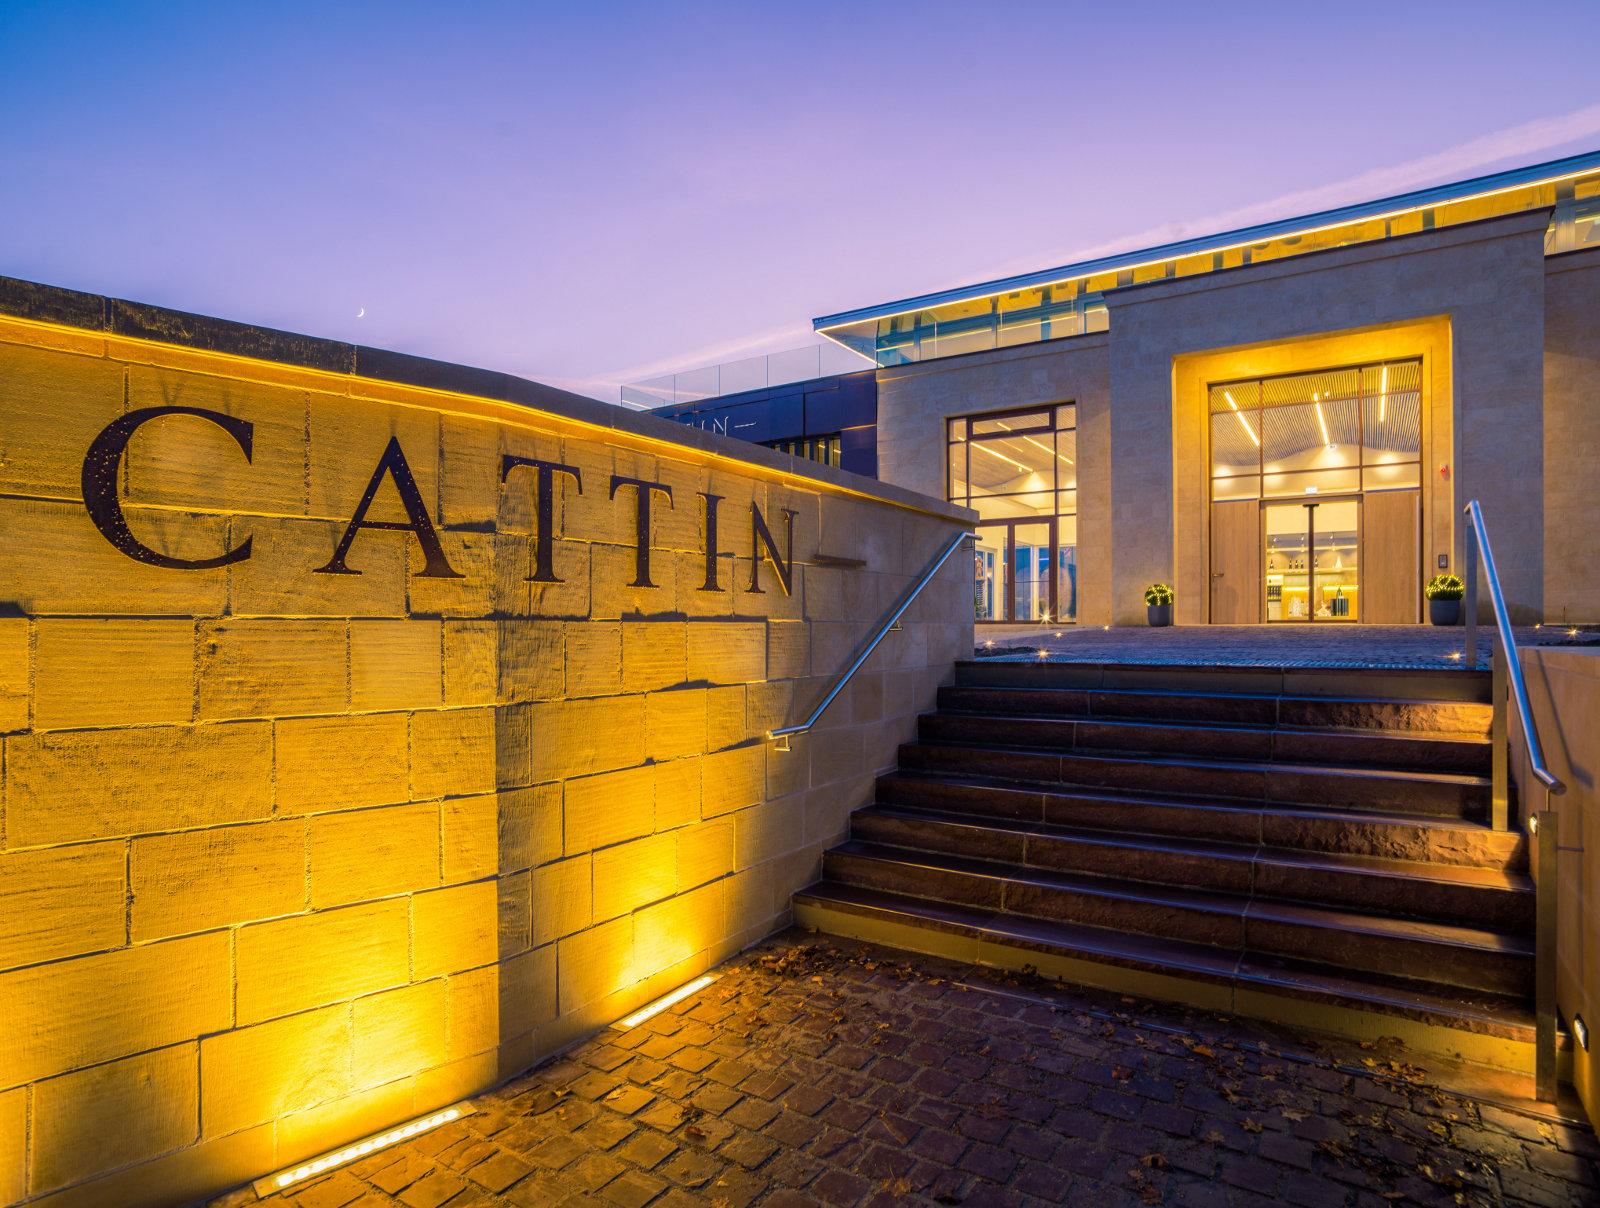 Cattin grands vins d 39 alsace activit s v nements et manifestations mulhouse office de - Office du tourisme eguisheim ...